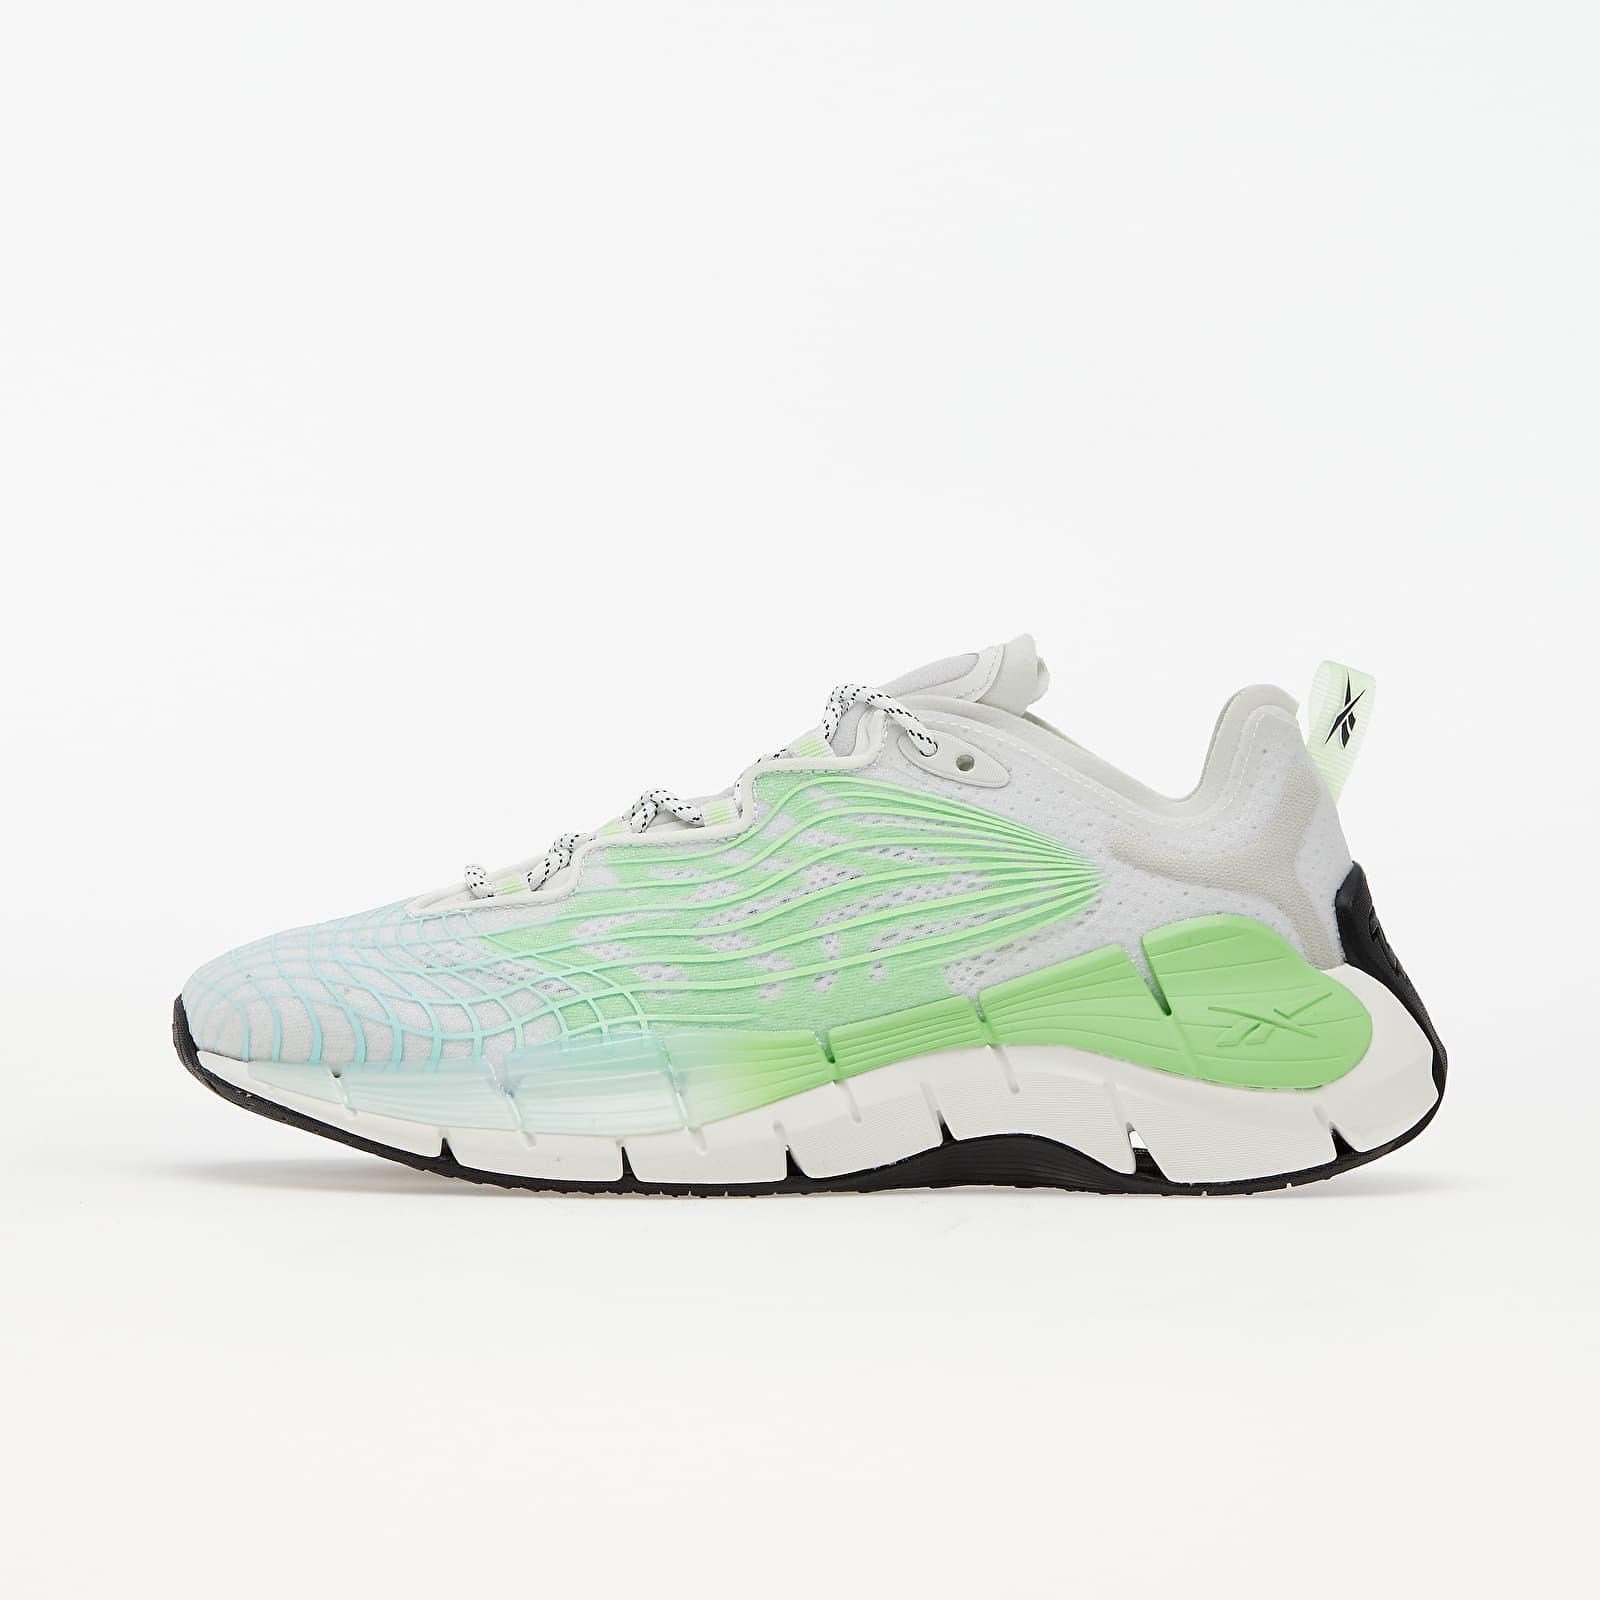 Reebok Zig Kinetica II Digital Glow/ Neon Mint/ Trace Grey 1